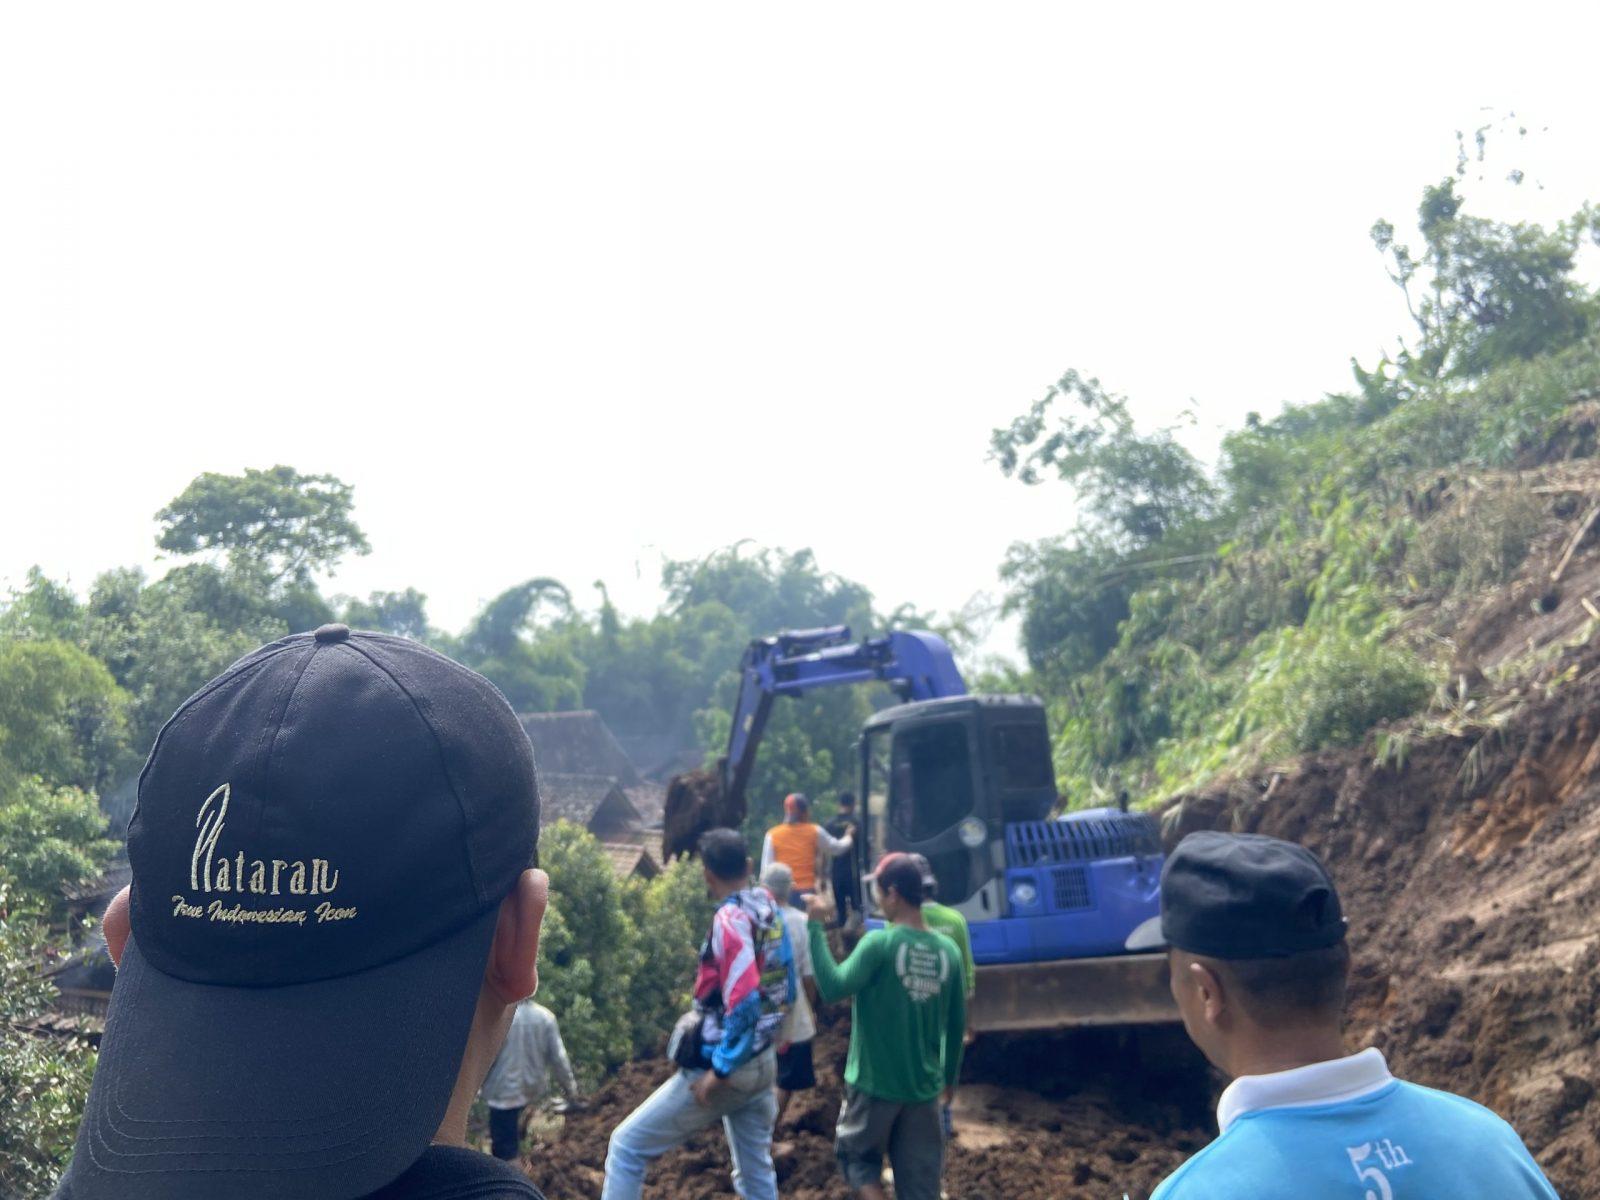 Plataran Borobudur Hotel and Resort: Kepedulian Plataran dalam Bencana Tanah Longsor di Dusun Butuh, Borobudur